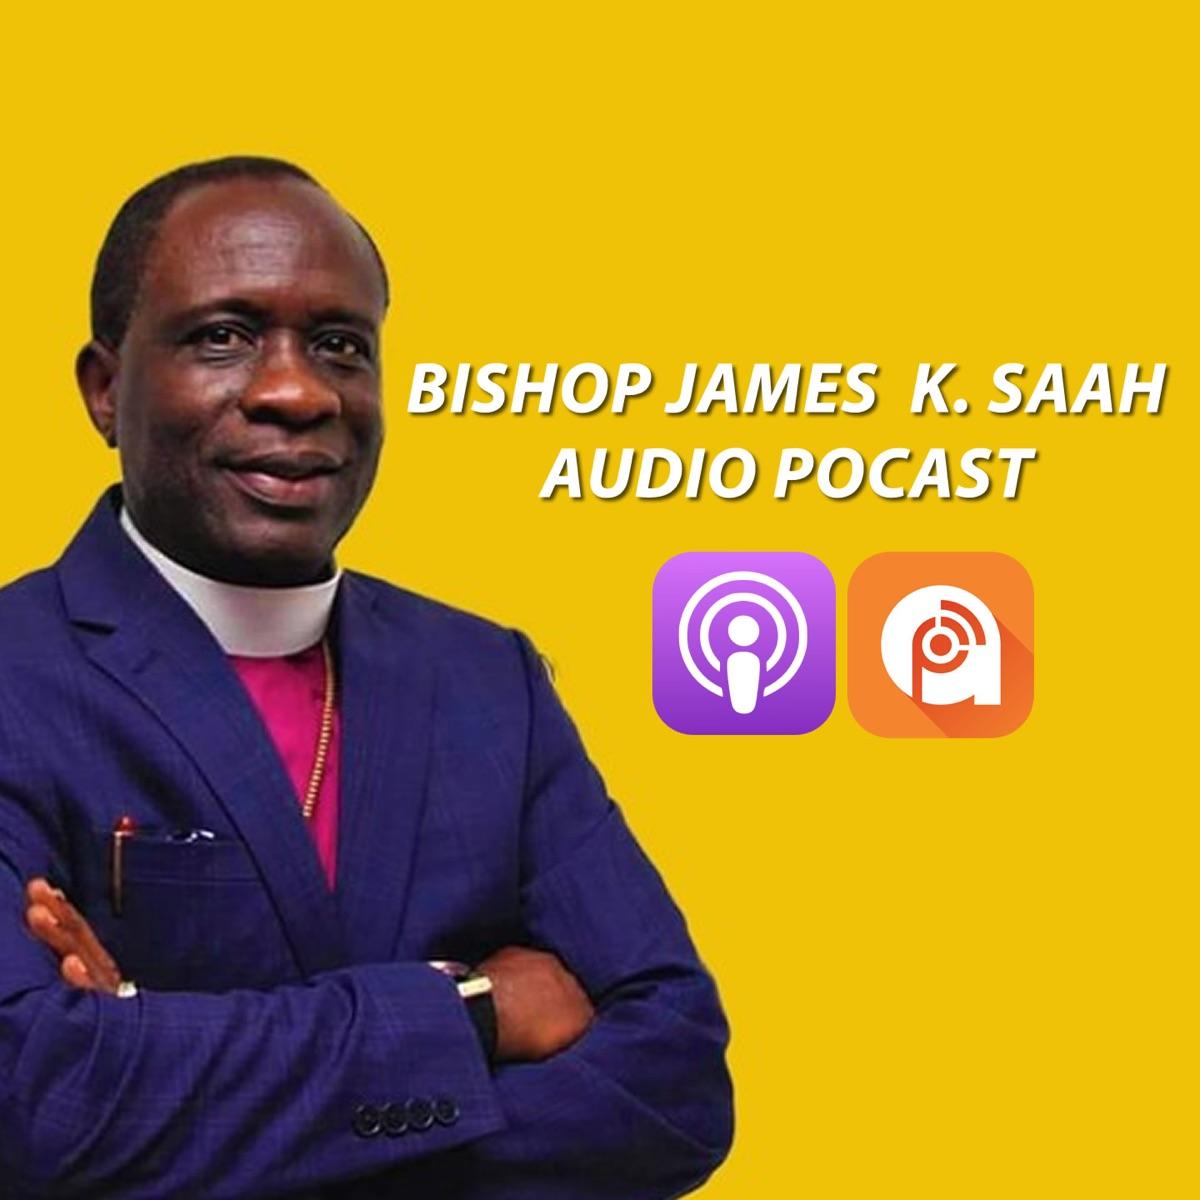 Bishop James K. Saah